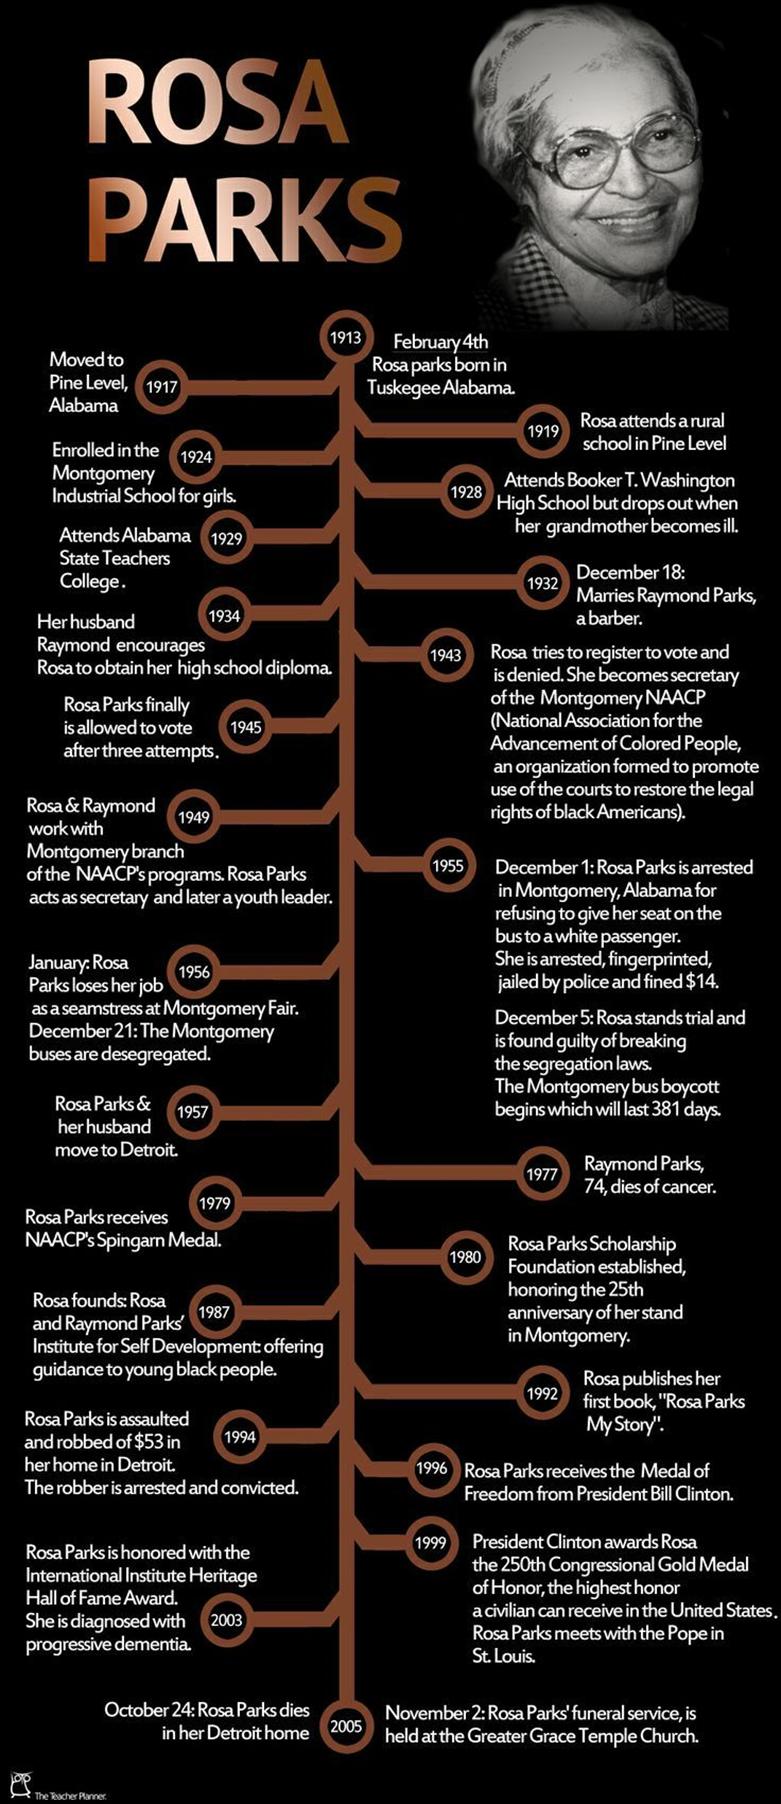 Rosa Parks Timeline